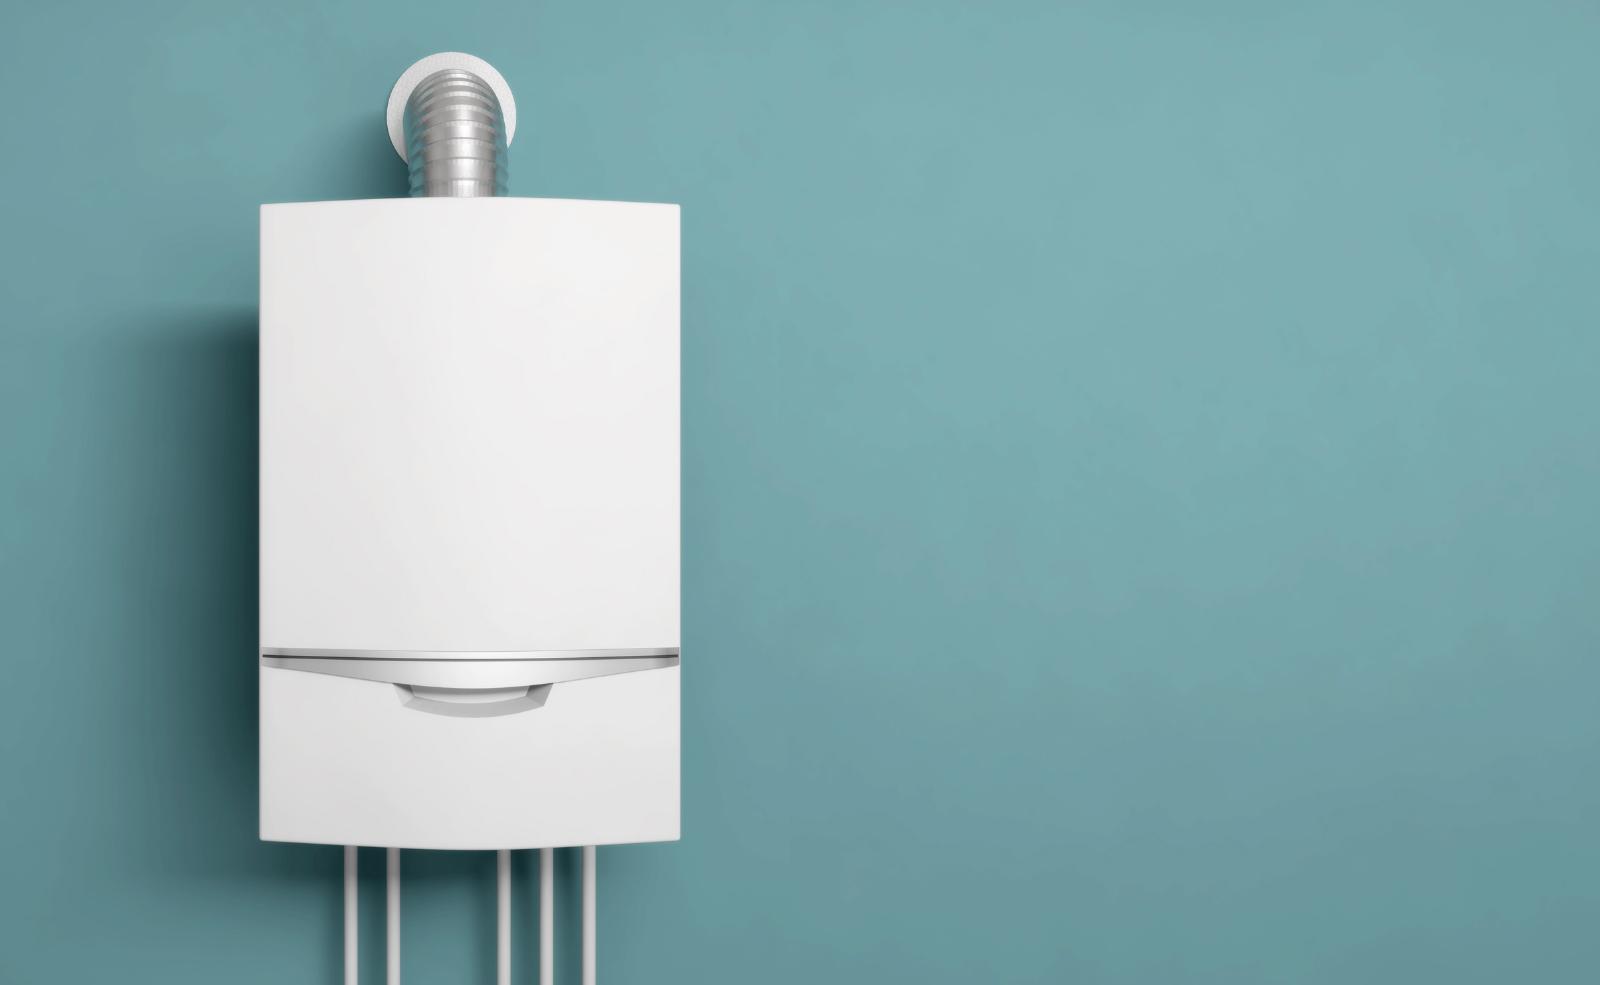 Durchlauferhitzer oder Boiler: Was ist günstiger?